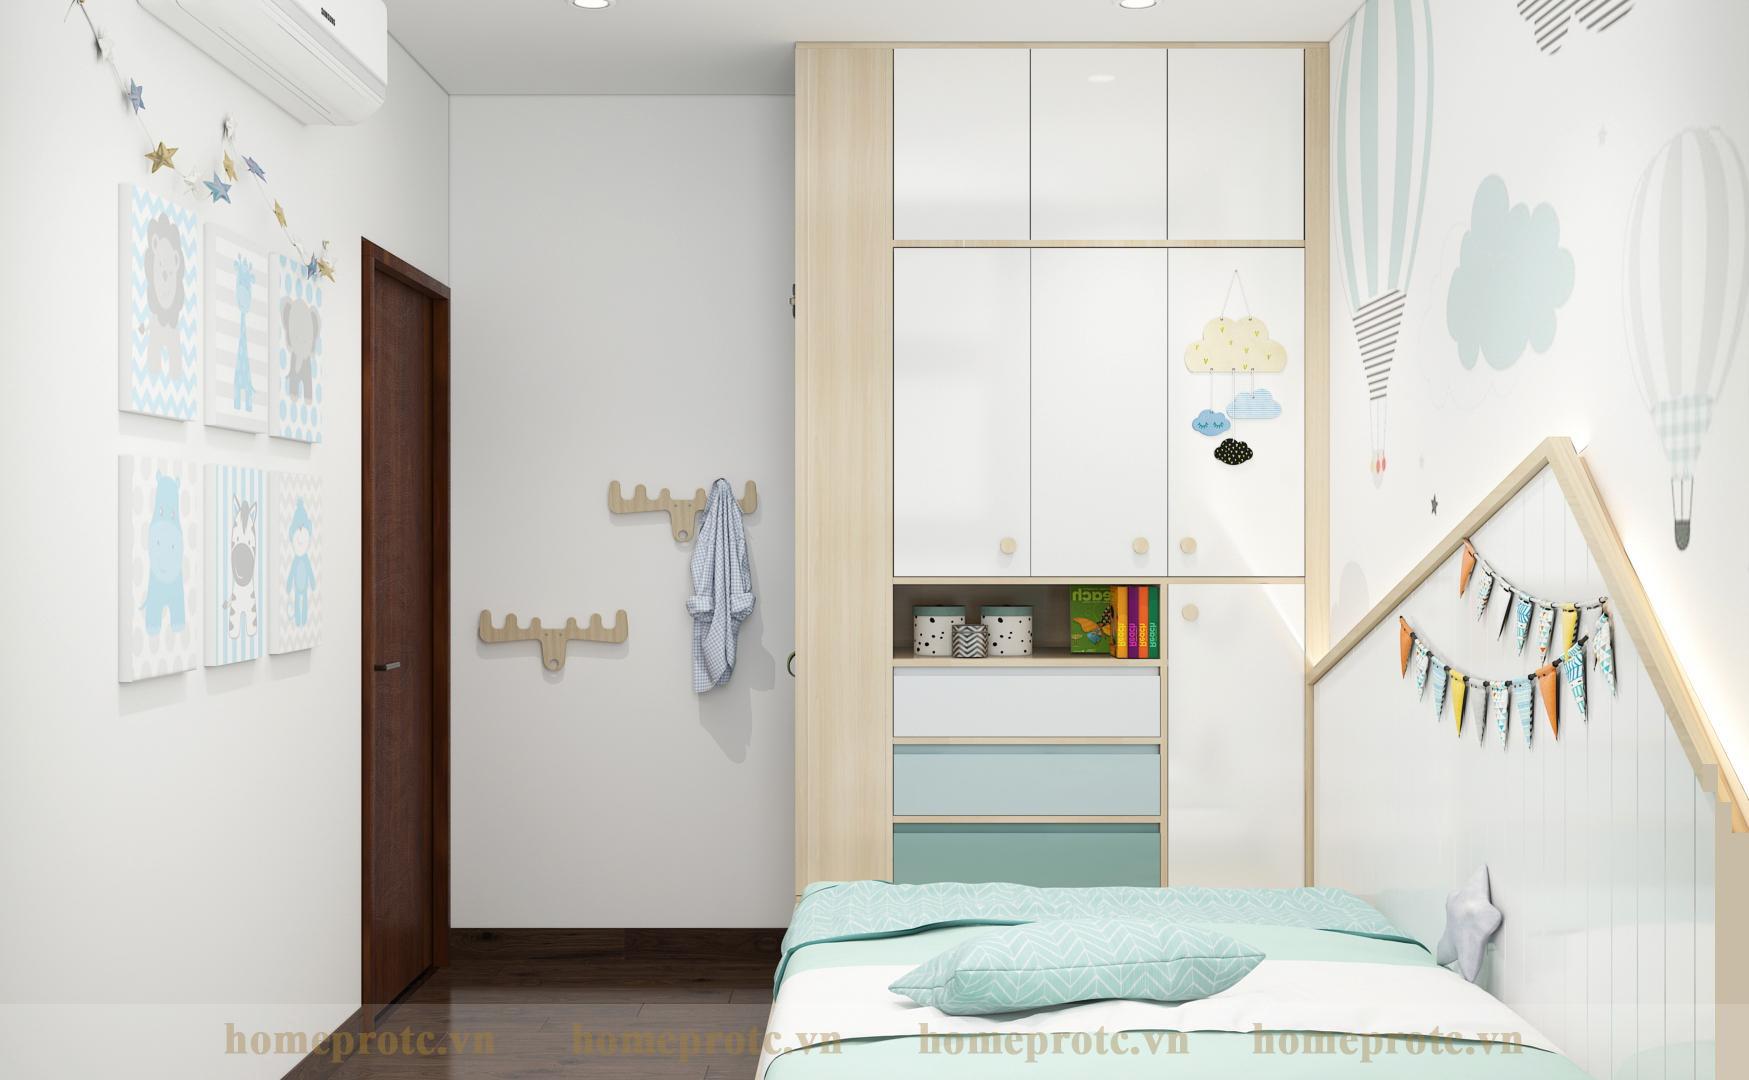 Thiết Kế Căn Hộ Premier 2 Phòng Ngủ A 10